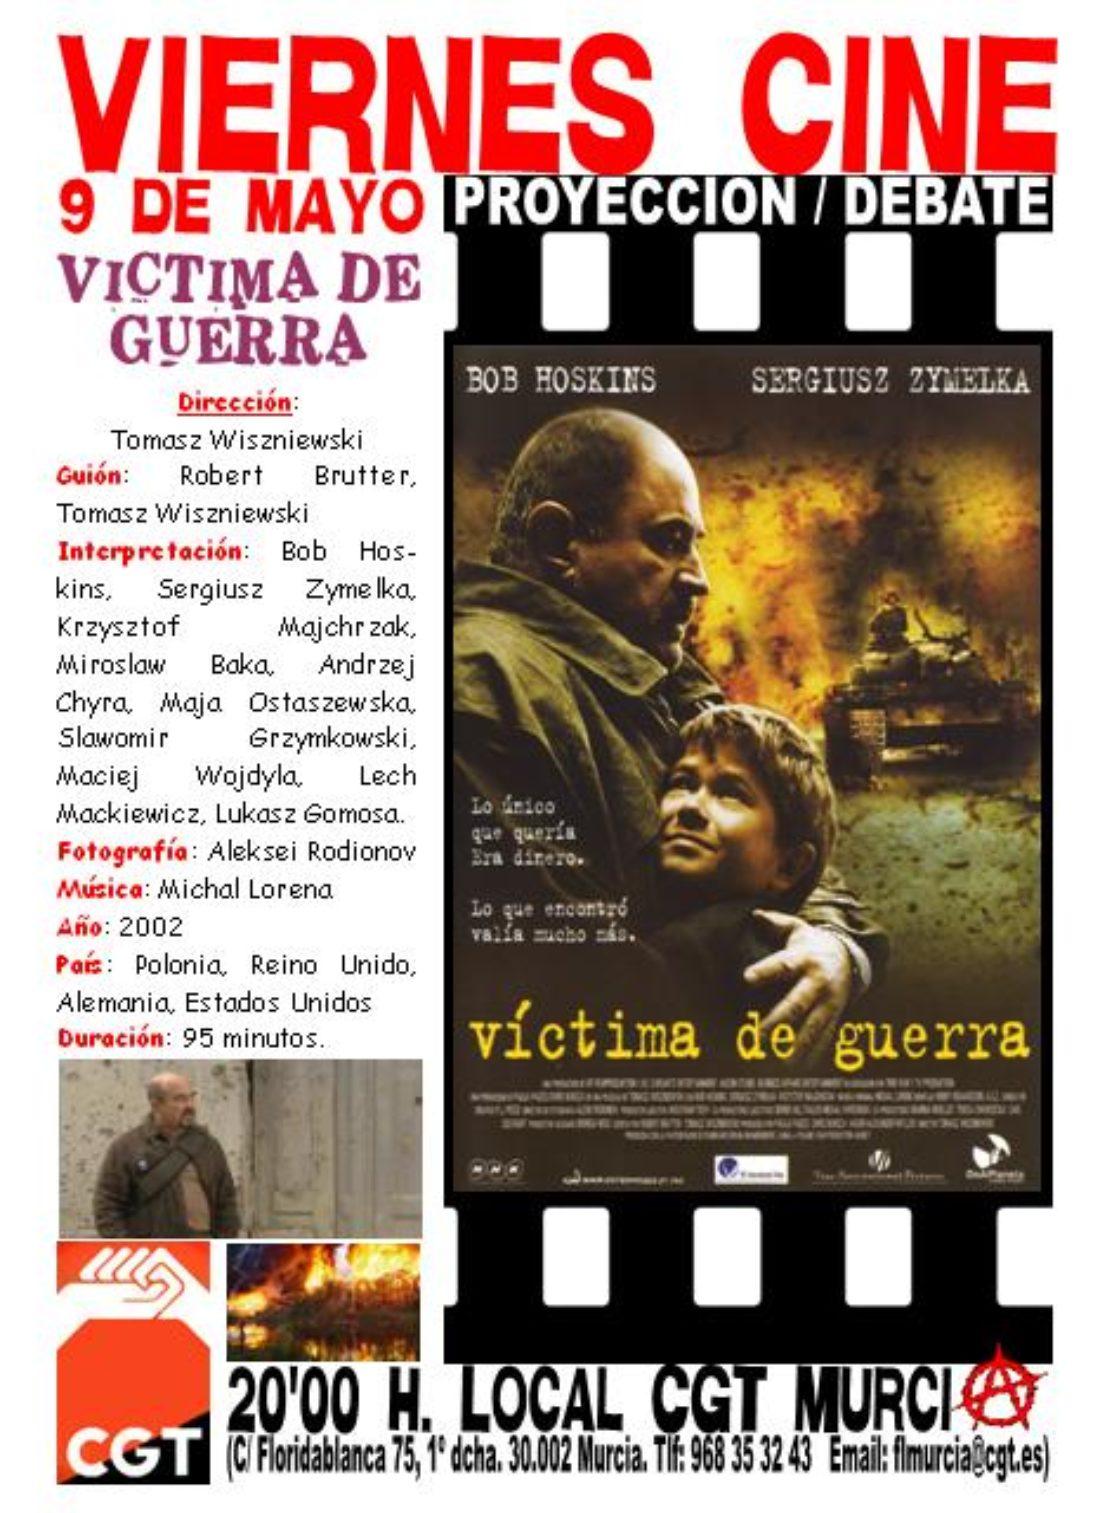 VIERNES CINE. El 9 de mayo VÍCTIMA DE GUERRA a las 20'00 h. en el local de CGT en Murcia